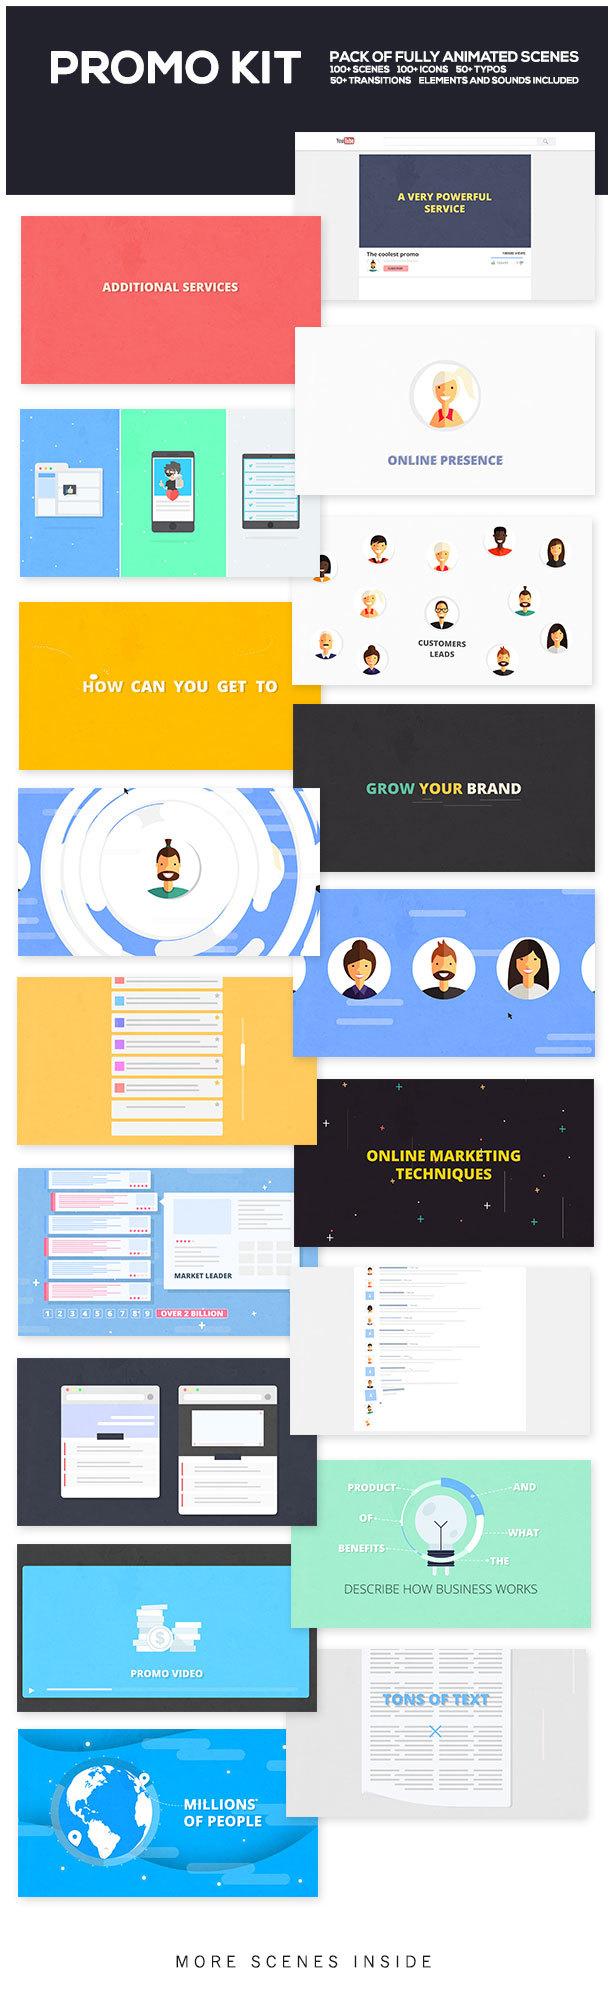 Реклама бизнеса лучше всего воспринимается, когда задействована анимационная инфографика сделать, ролик в такой стилистке можно